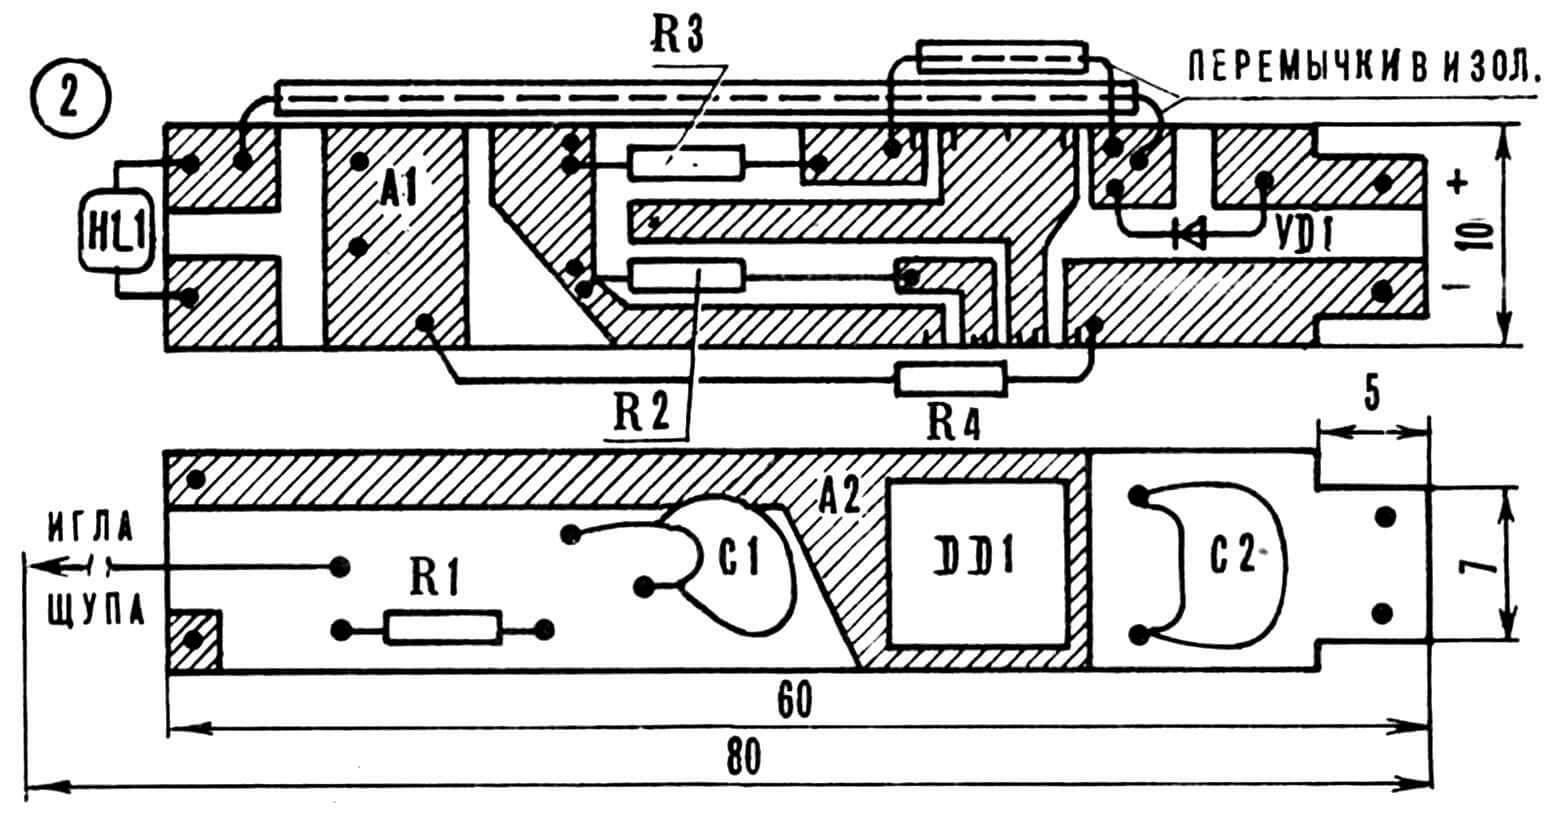 Монтажная плата (двусторонний фольгированный гетинакс) с расположением на ней радиодеталей. Вот он, незаменимый в работе с цифровыми интегральными микросхемами пробник!